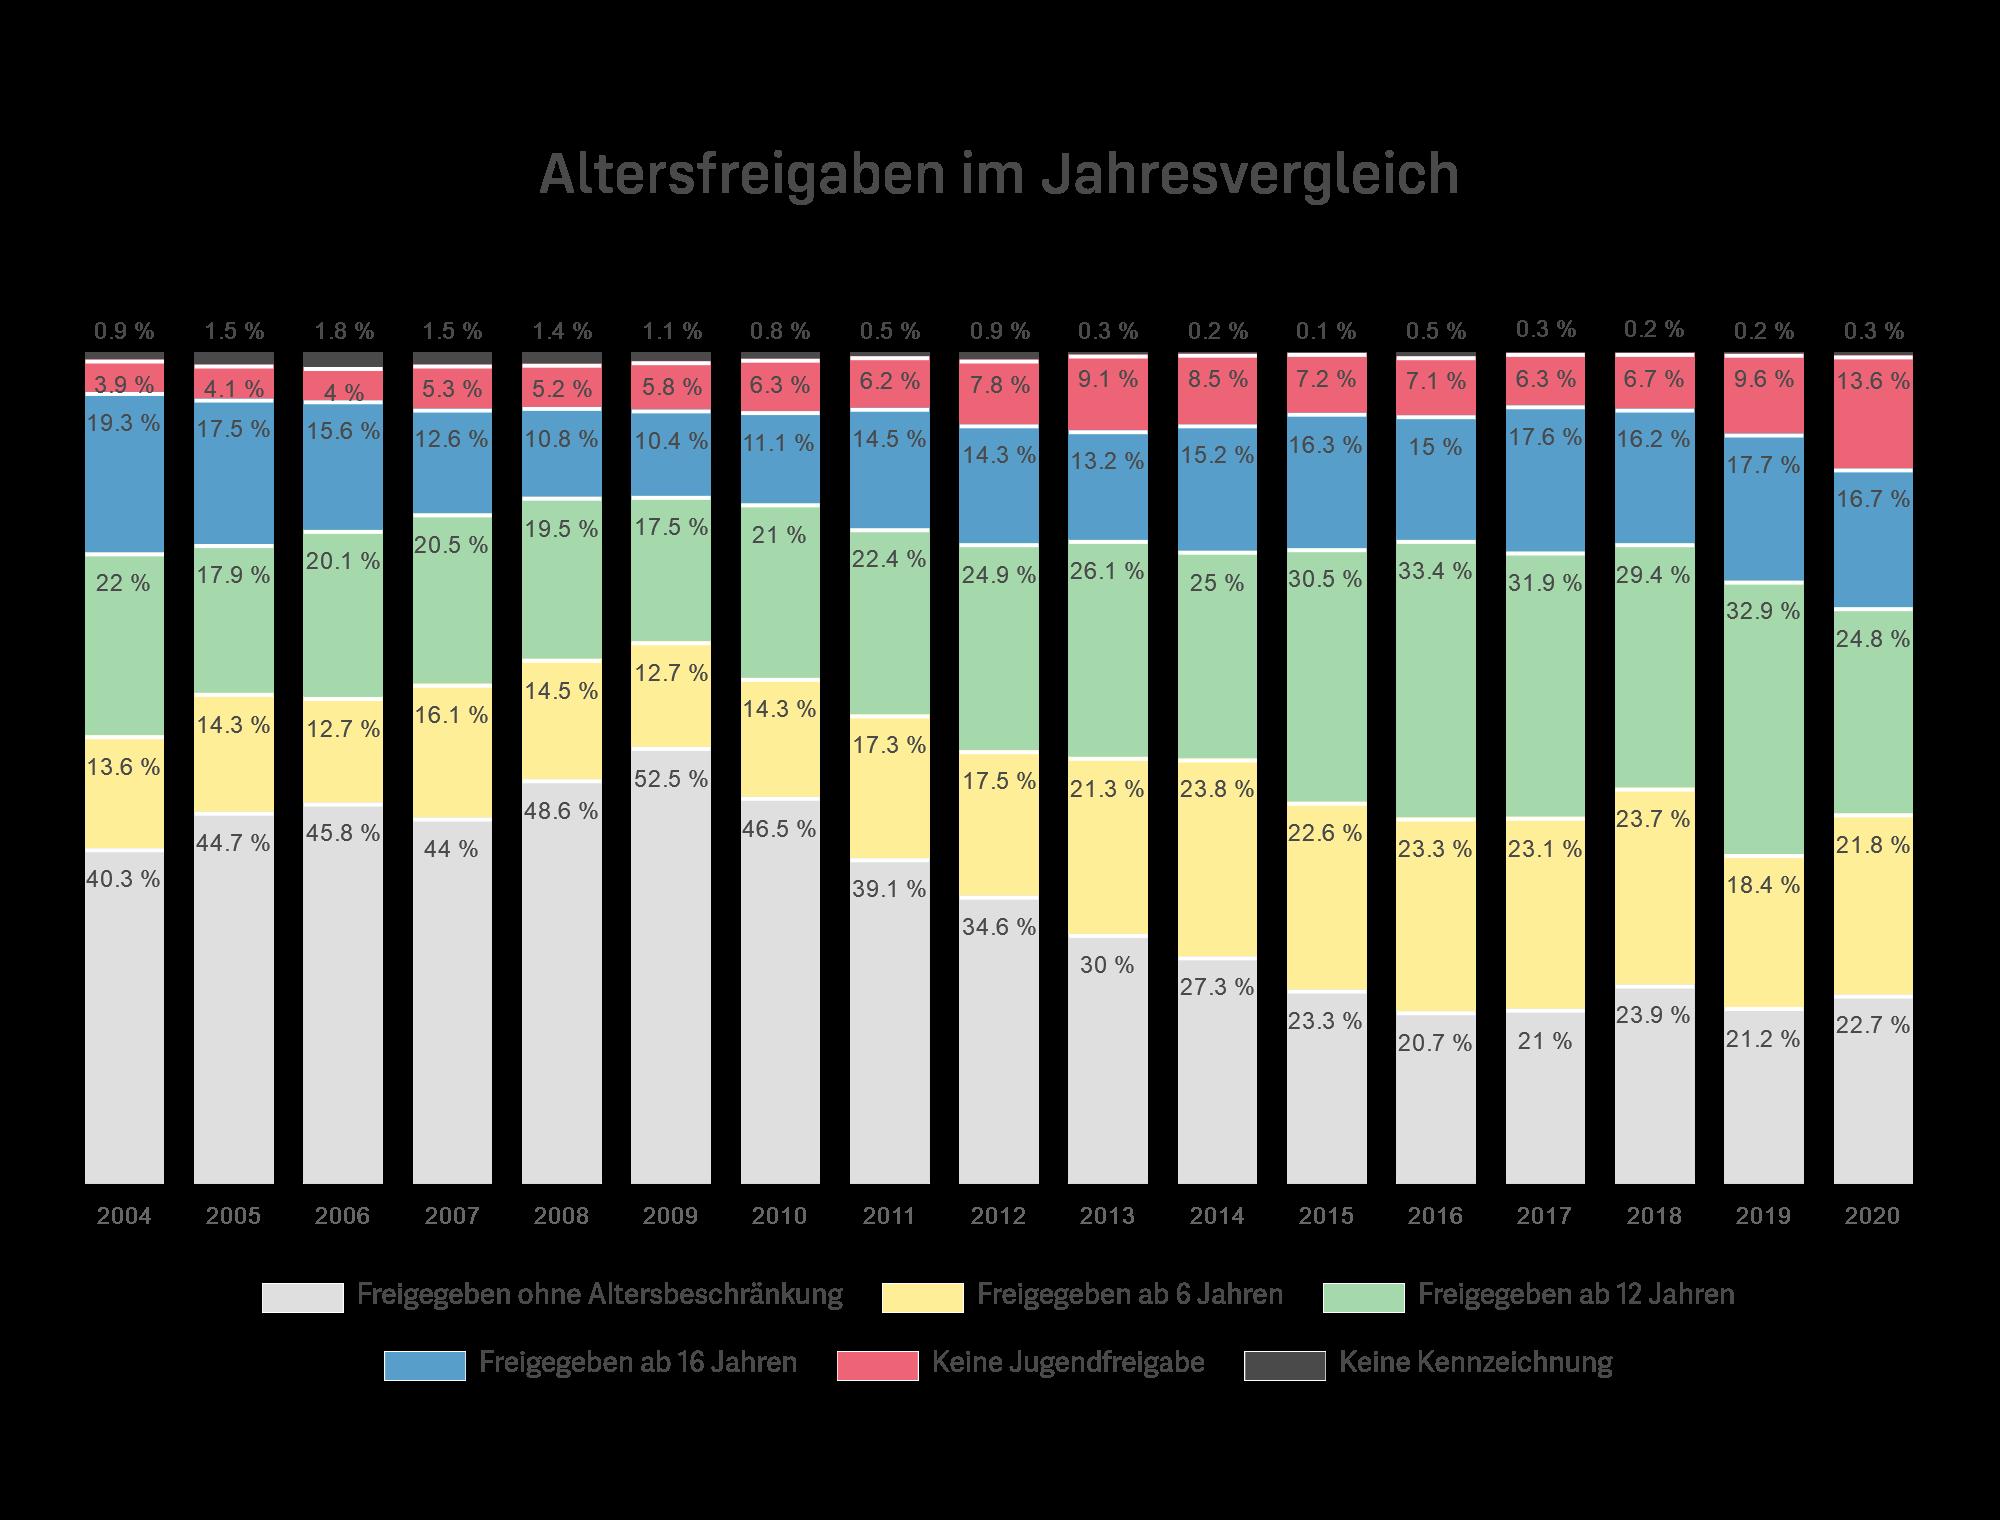 Altersfreigaben im Jahresvergelich 2004-2020